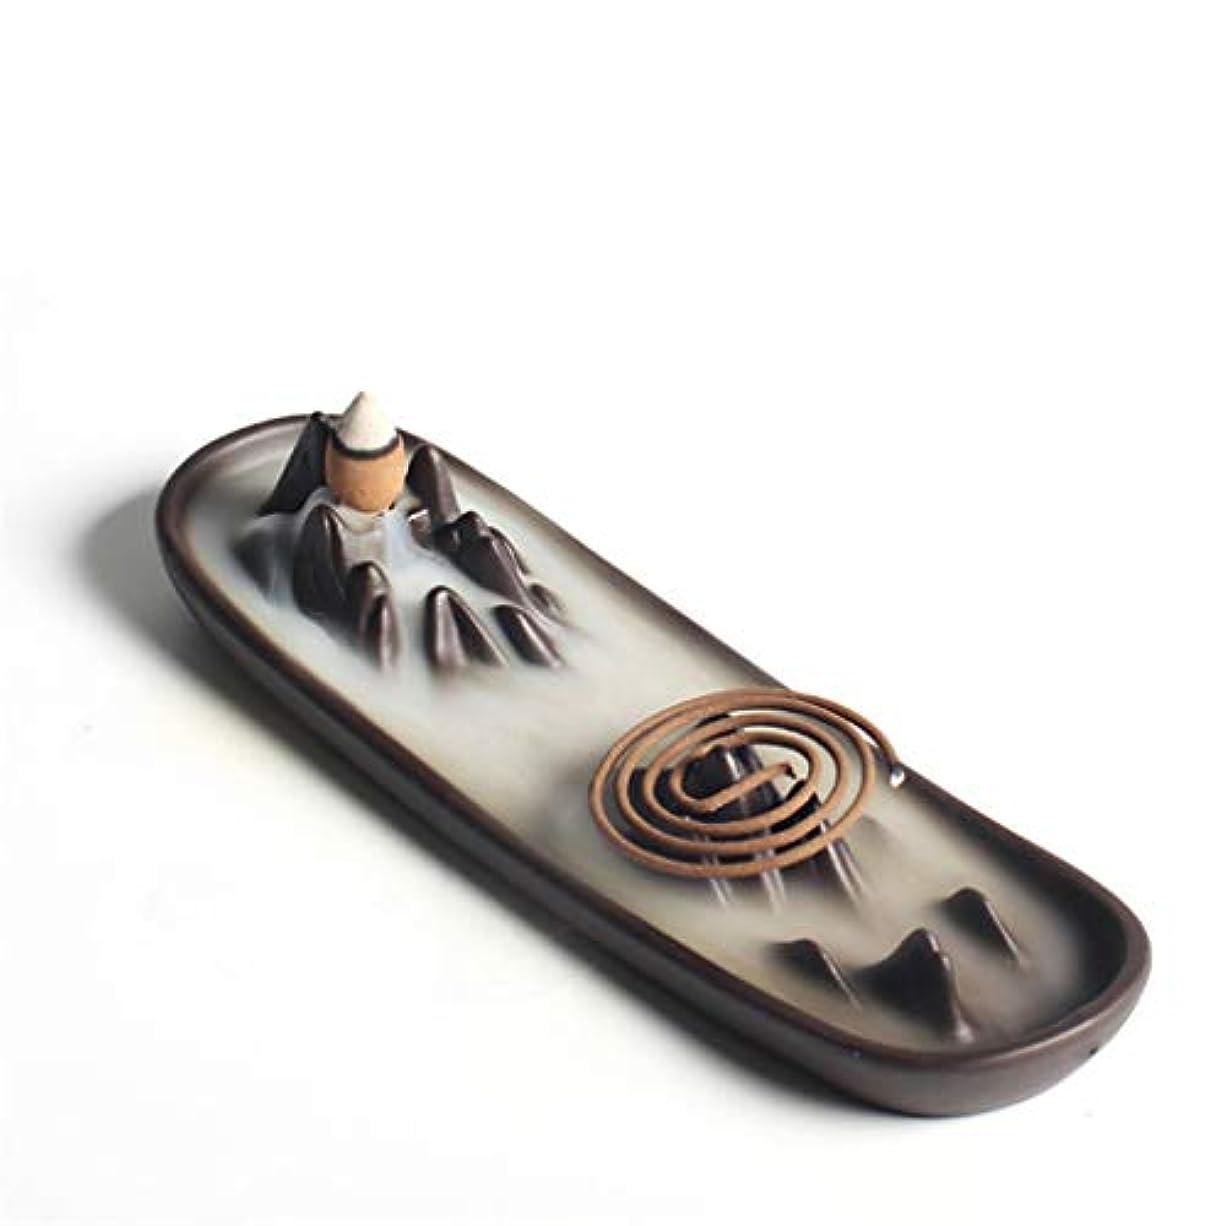 カップルどんなときも検索エンジンマーケティングホームアロマバーナー 逆流香バーナー家の装飾セラミックアロマセラピー仏教の滝香炉香コイルスティックホルダー 芳香器アロマバーナー (Color : A)